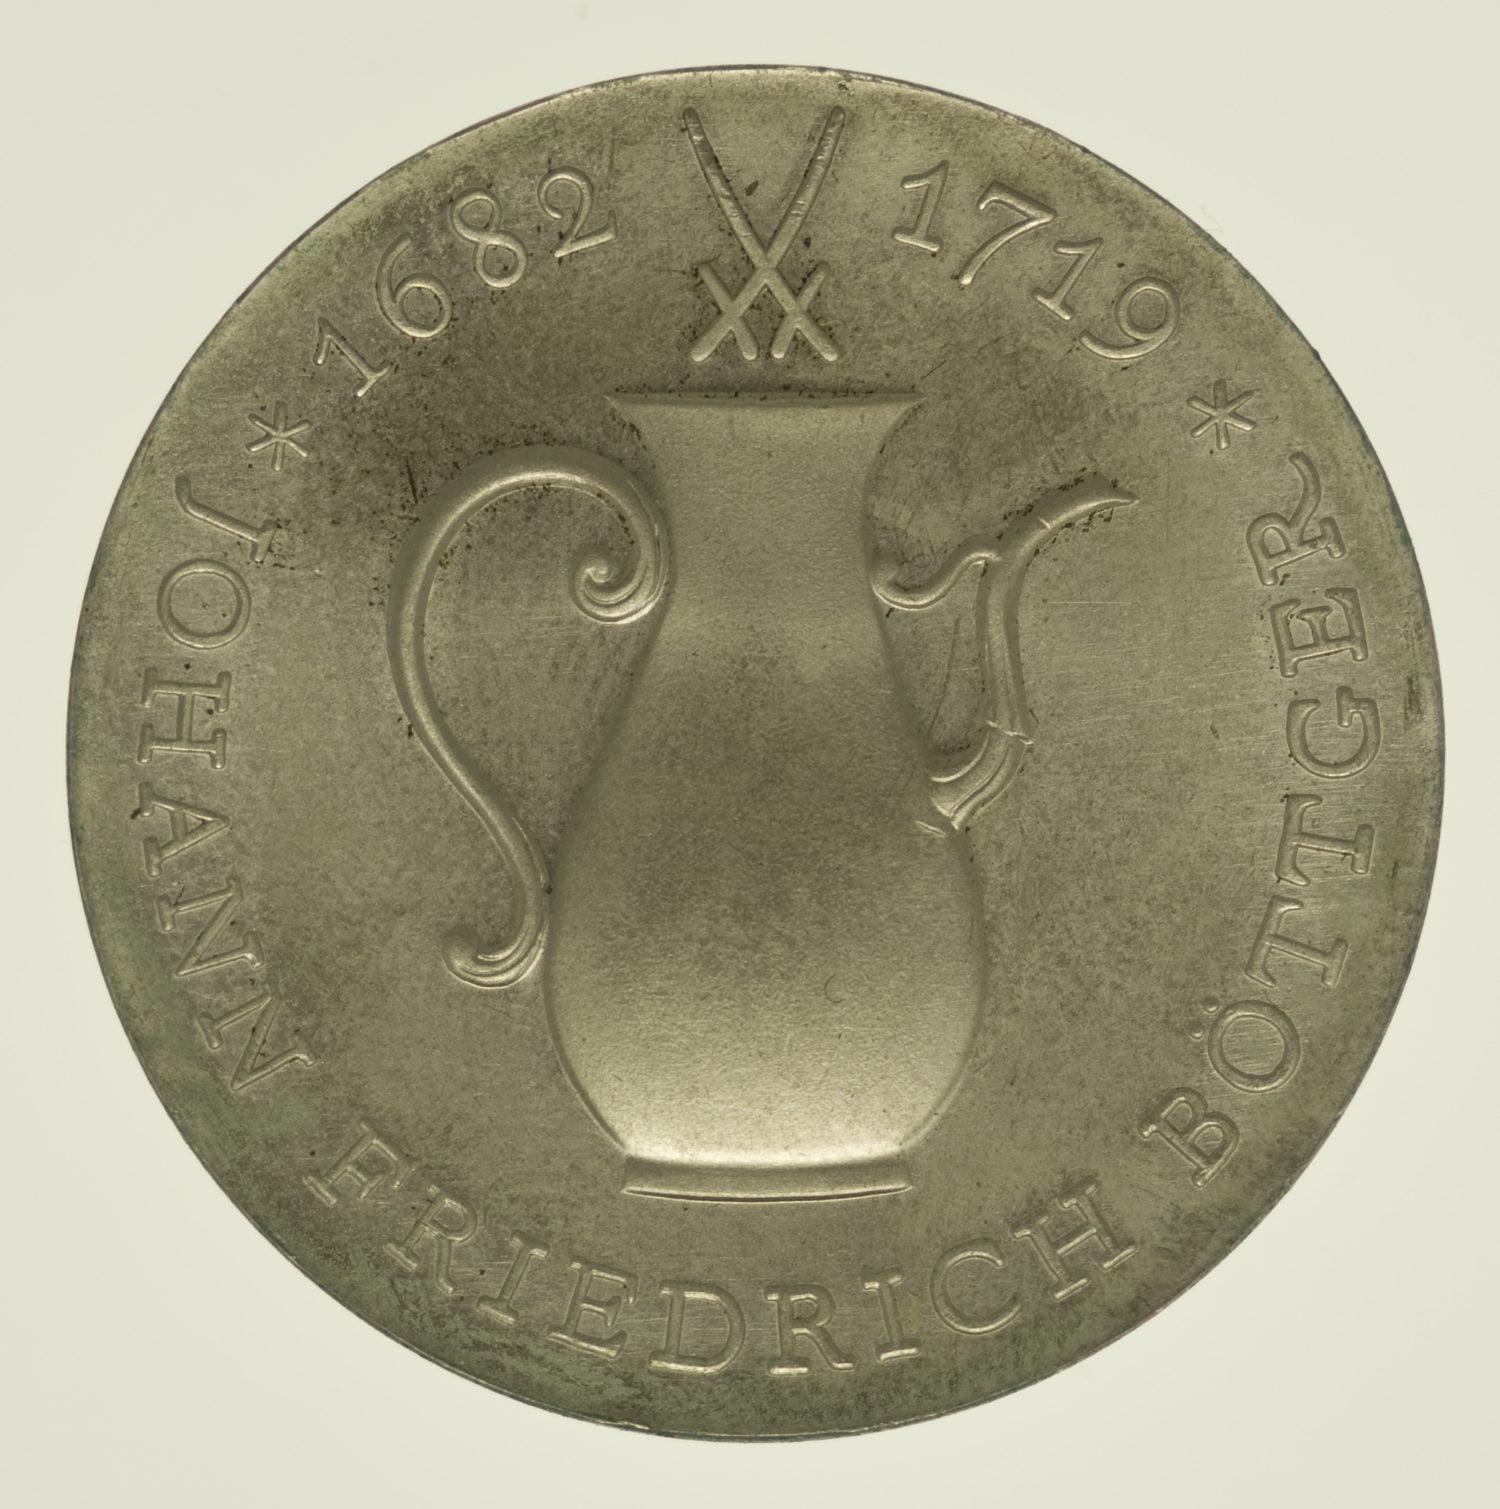 ddr-deutsche-silbermuenzen - DDR 10 Mark 1969 Böttger